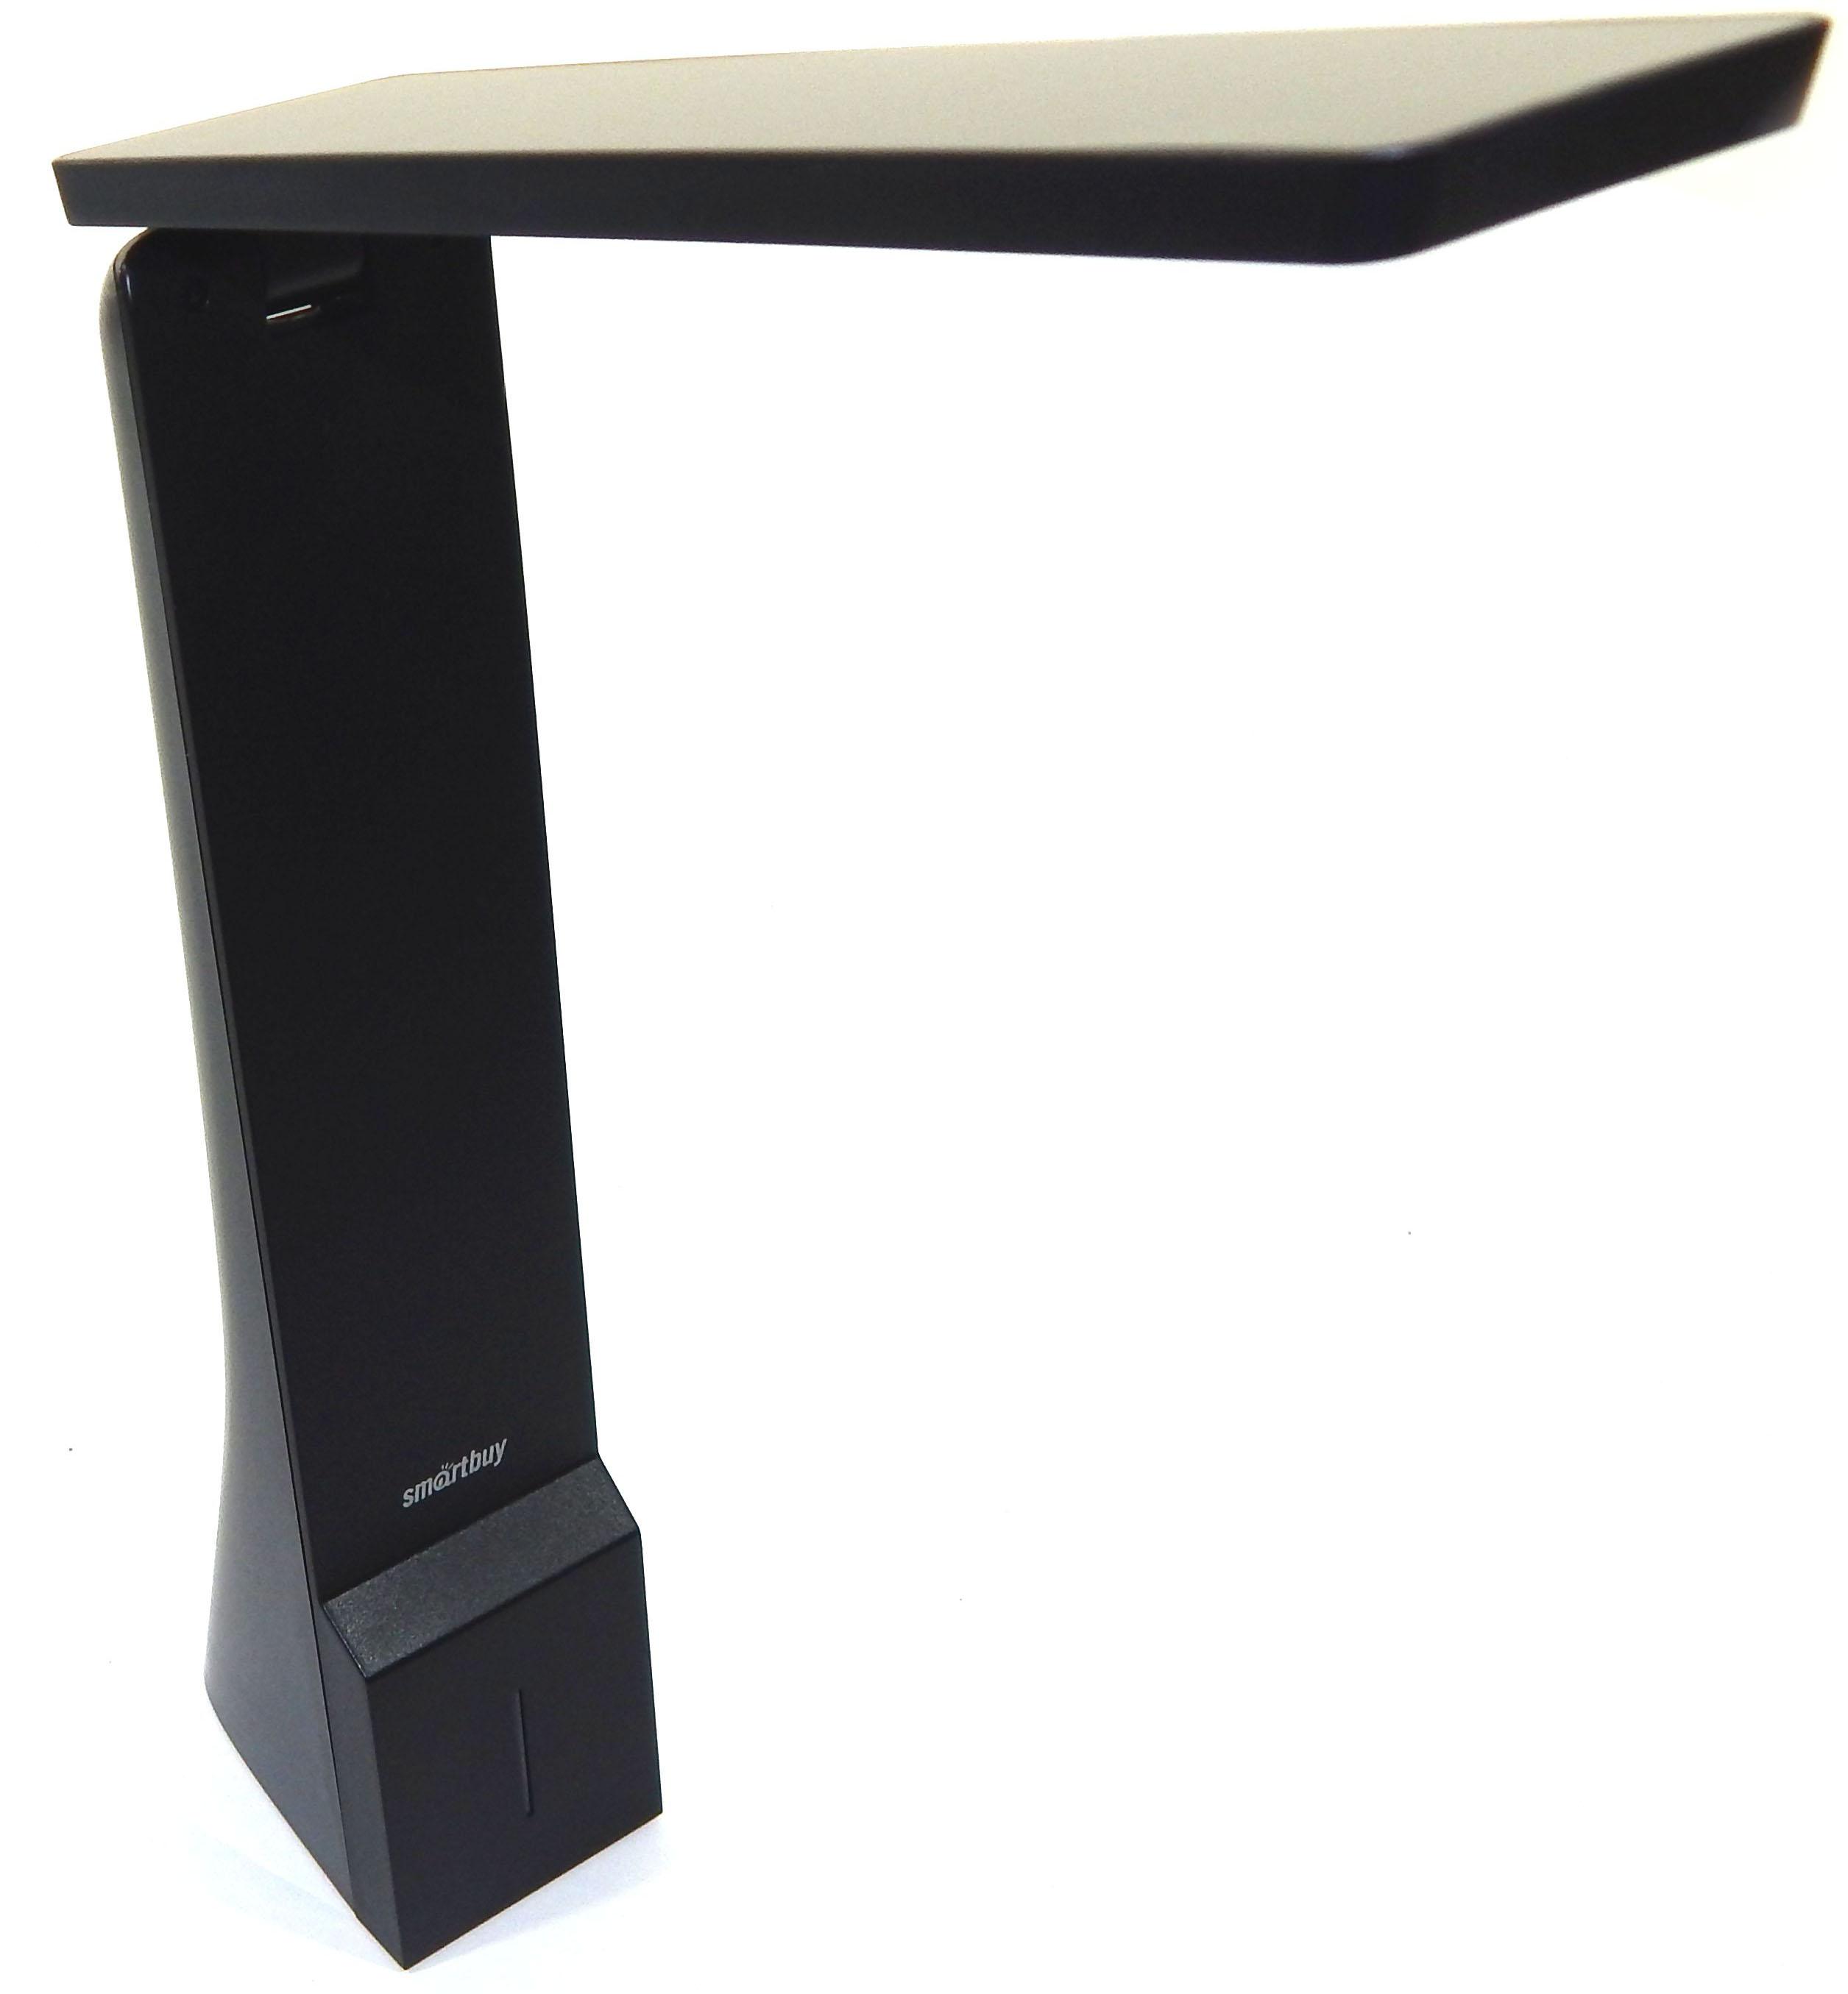 Smartbuy-5W/3step dim (SBL-DL-5-SD-Black)